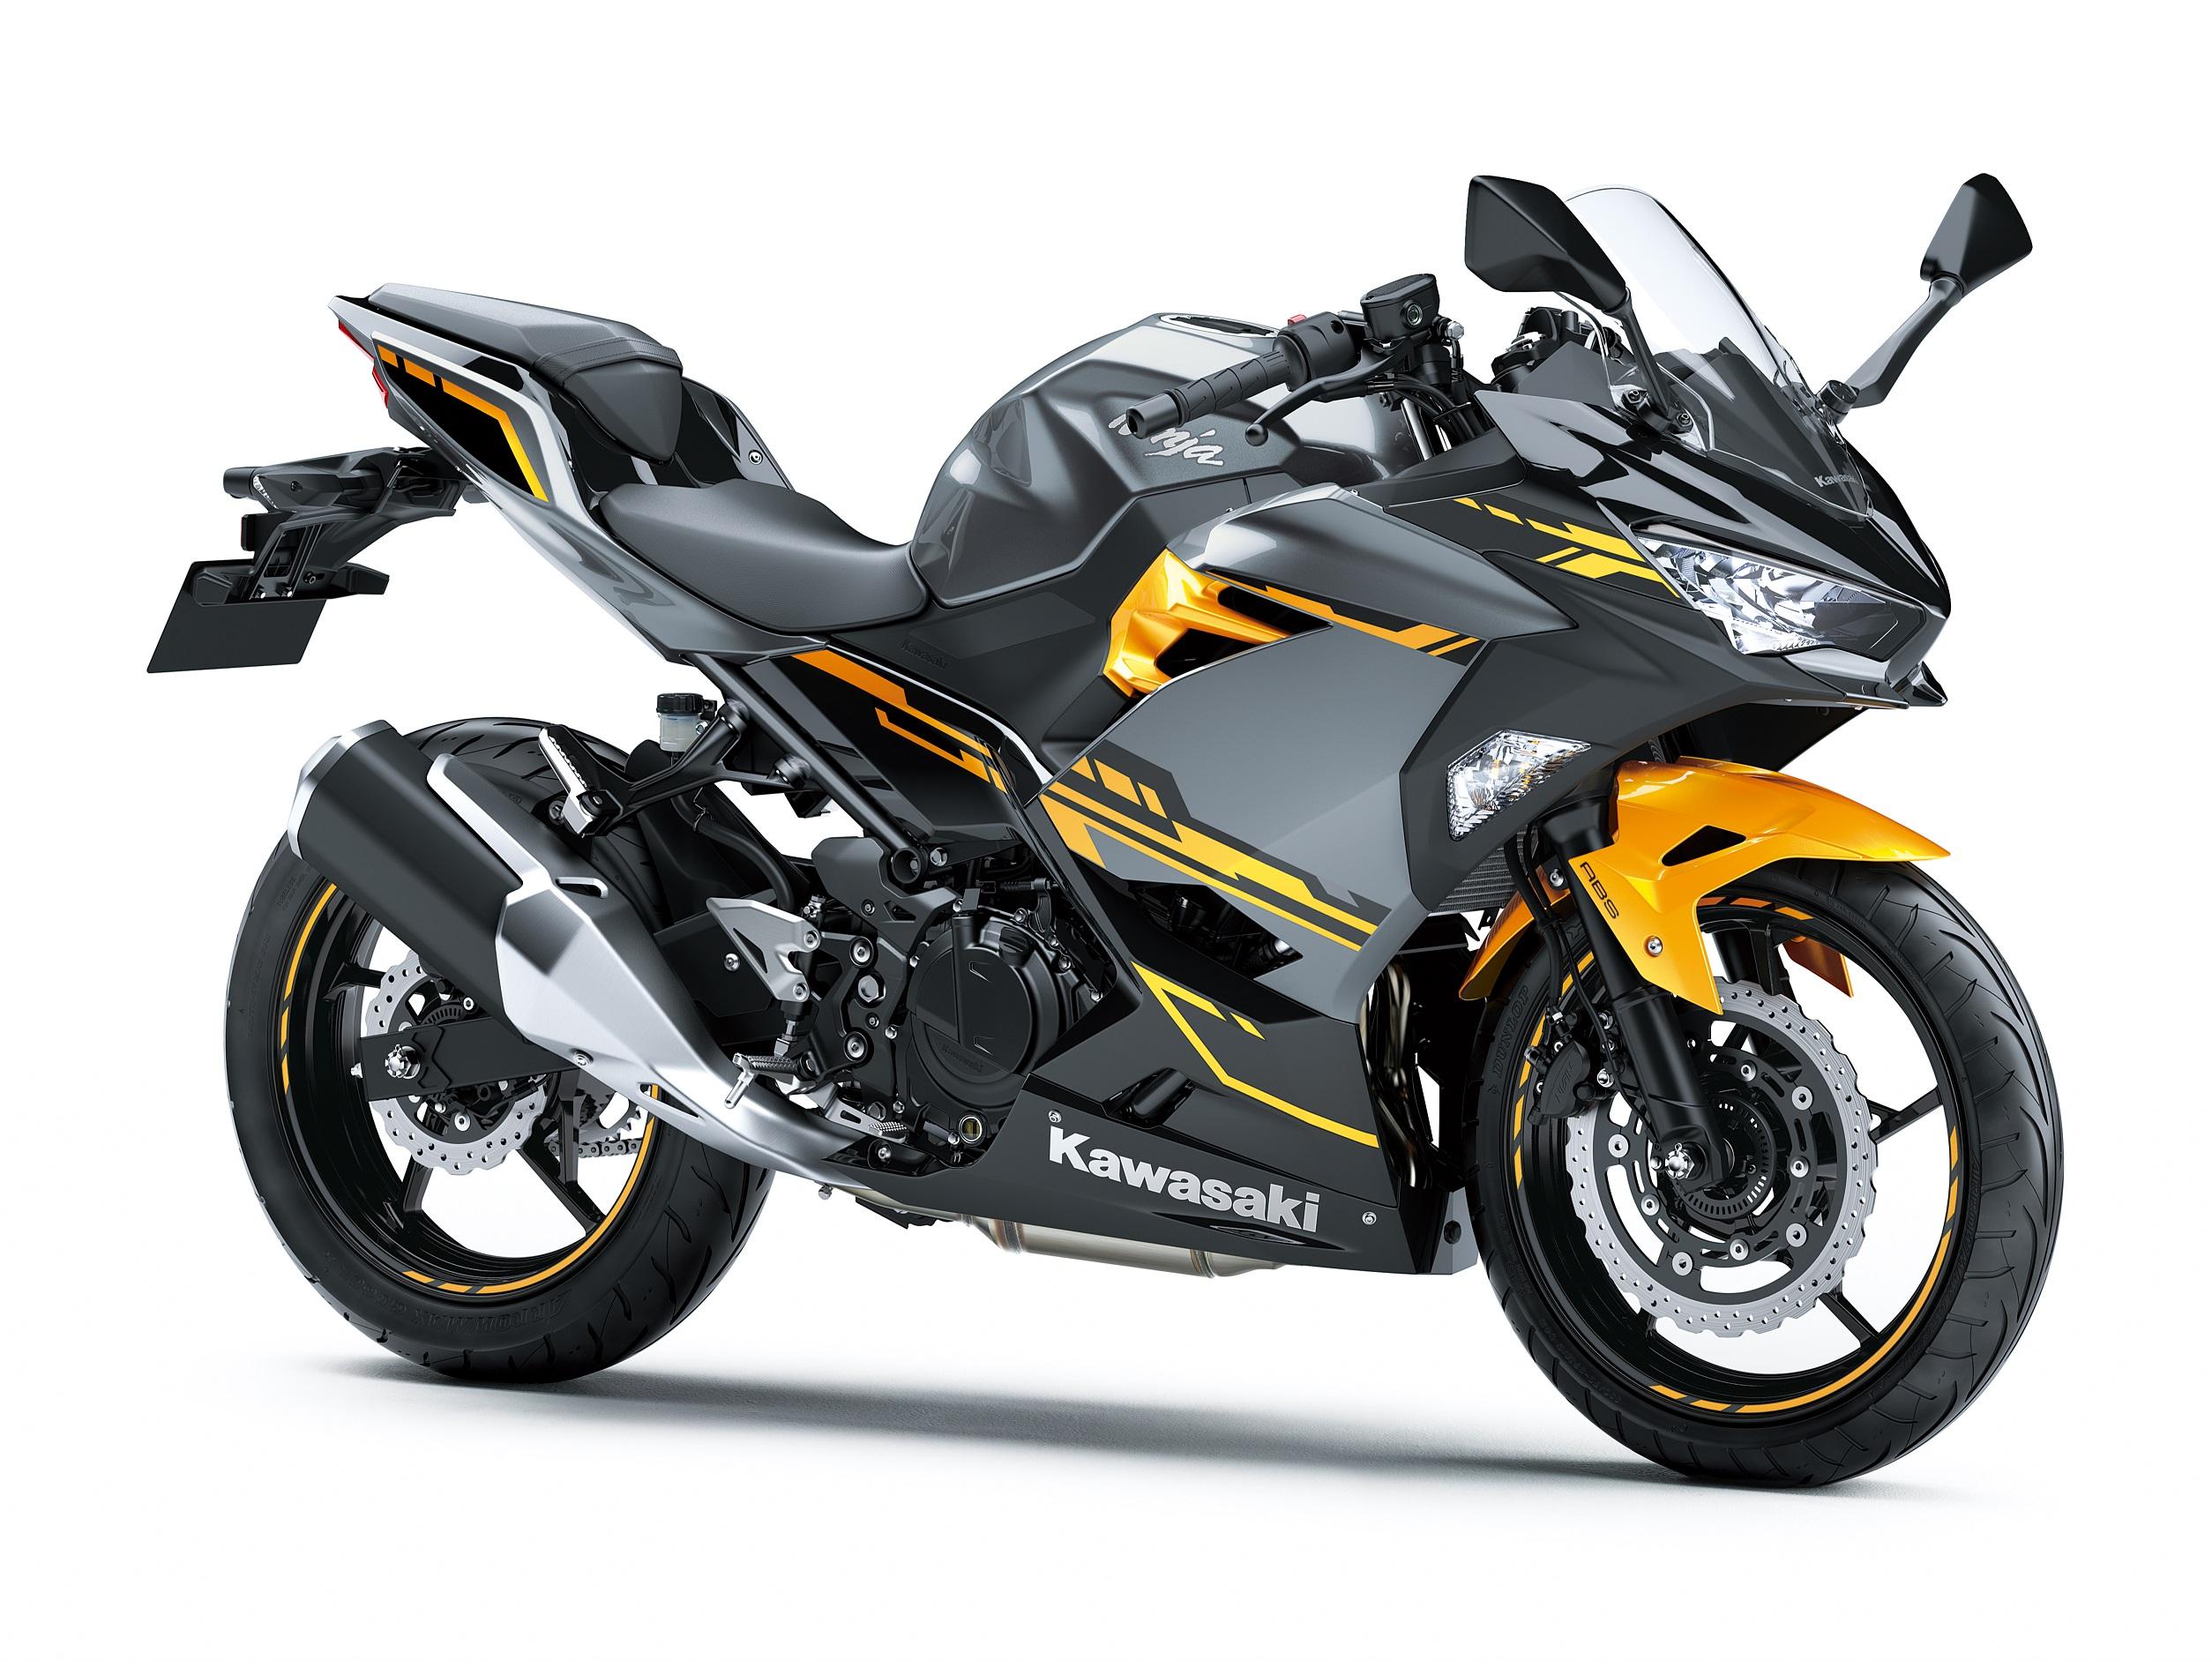 Bikes Kawasaki Motors Malaysia Unleashes New Ninja 250 Priced At